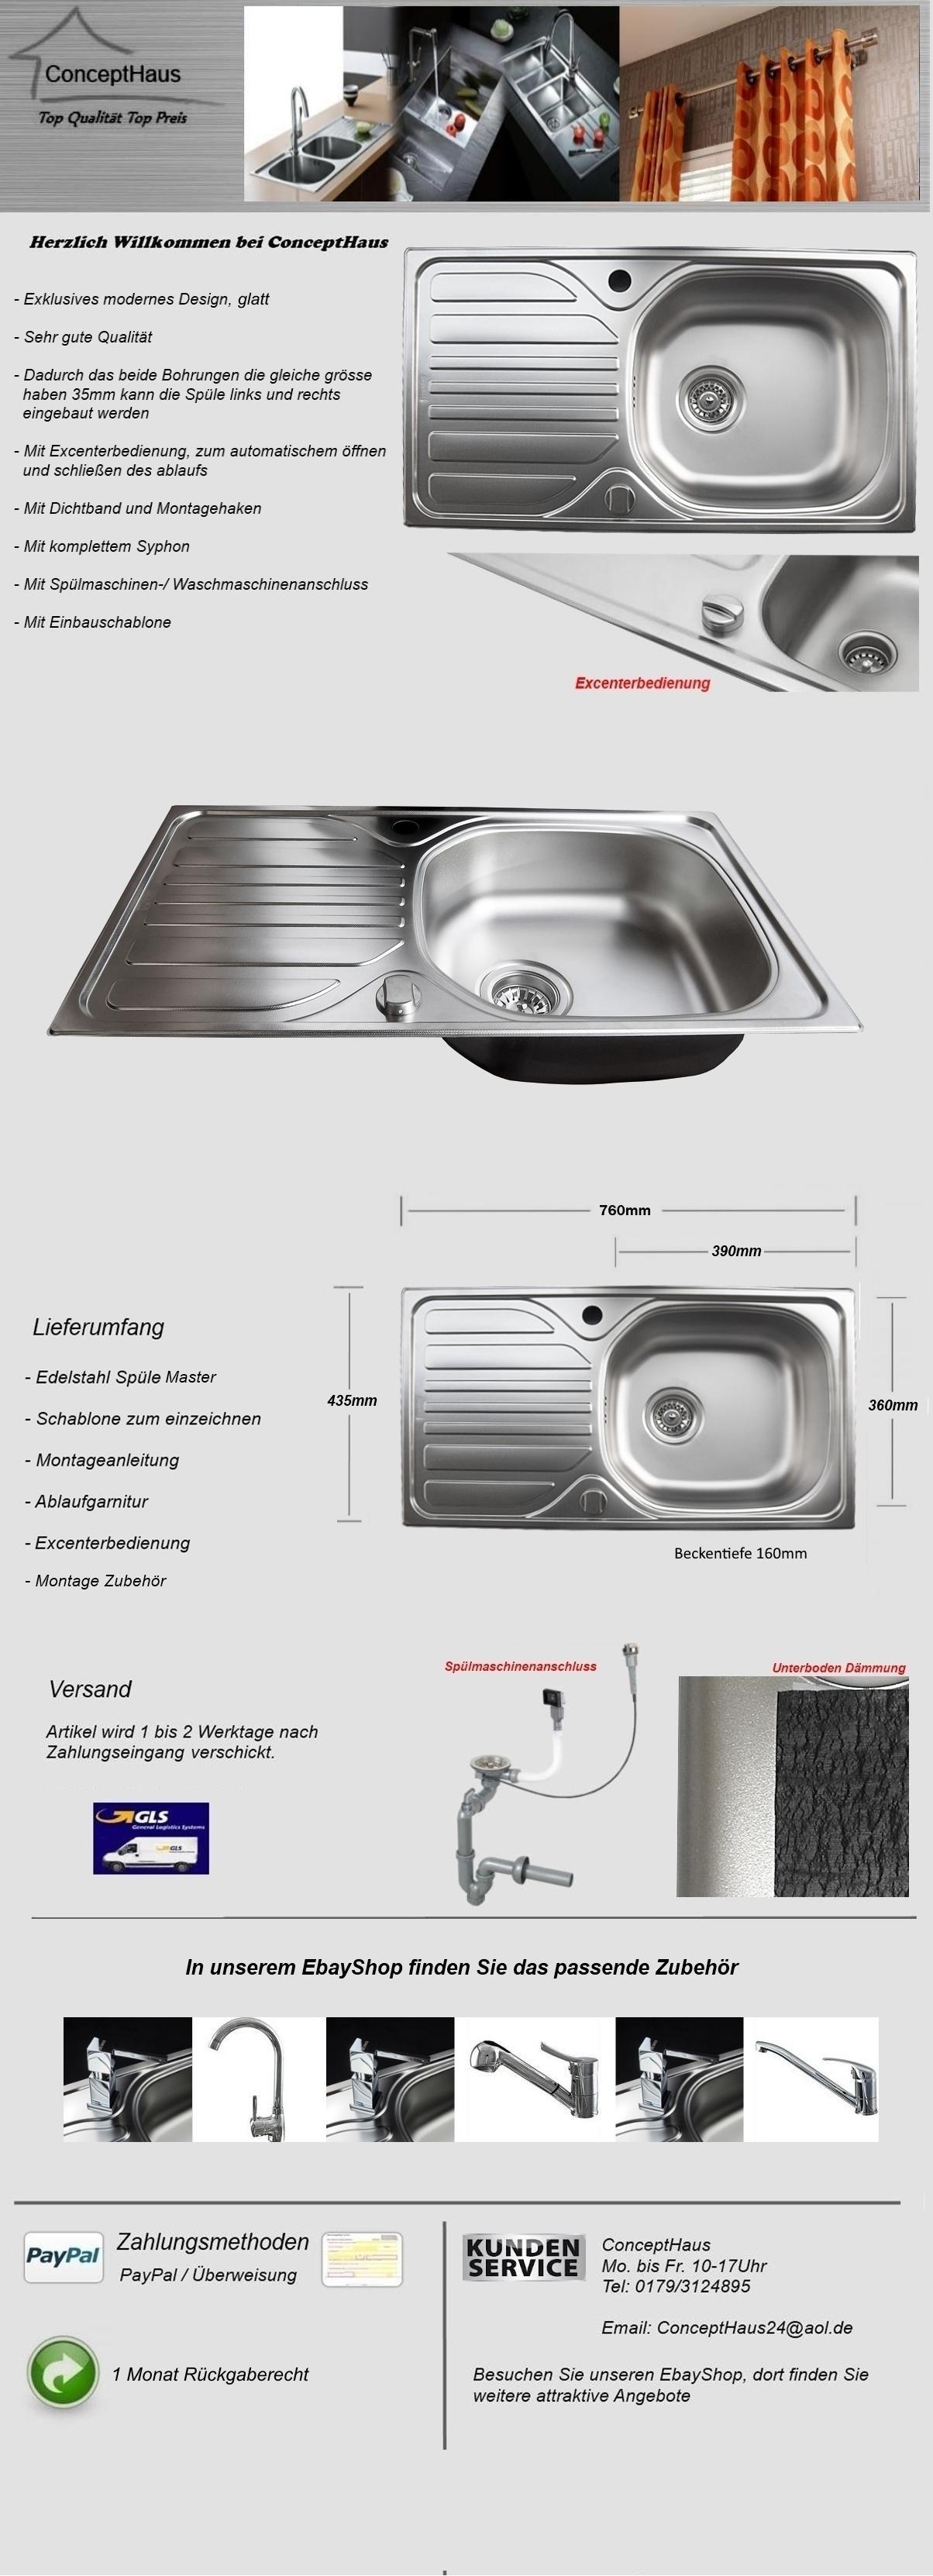 Edelstahlspüle Master in GLATT Küchenspüle Einbauspüle Spüle ...